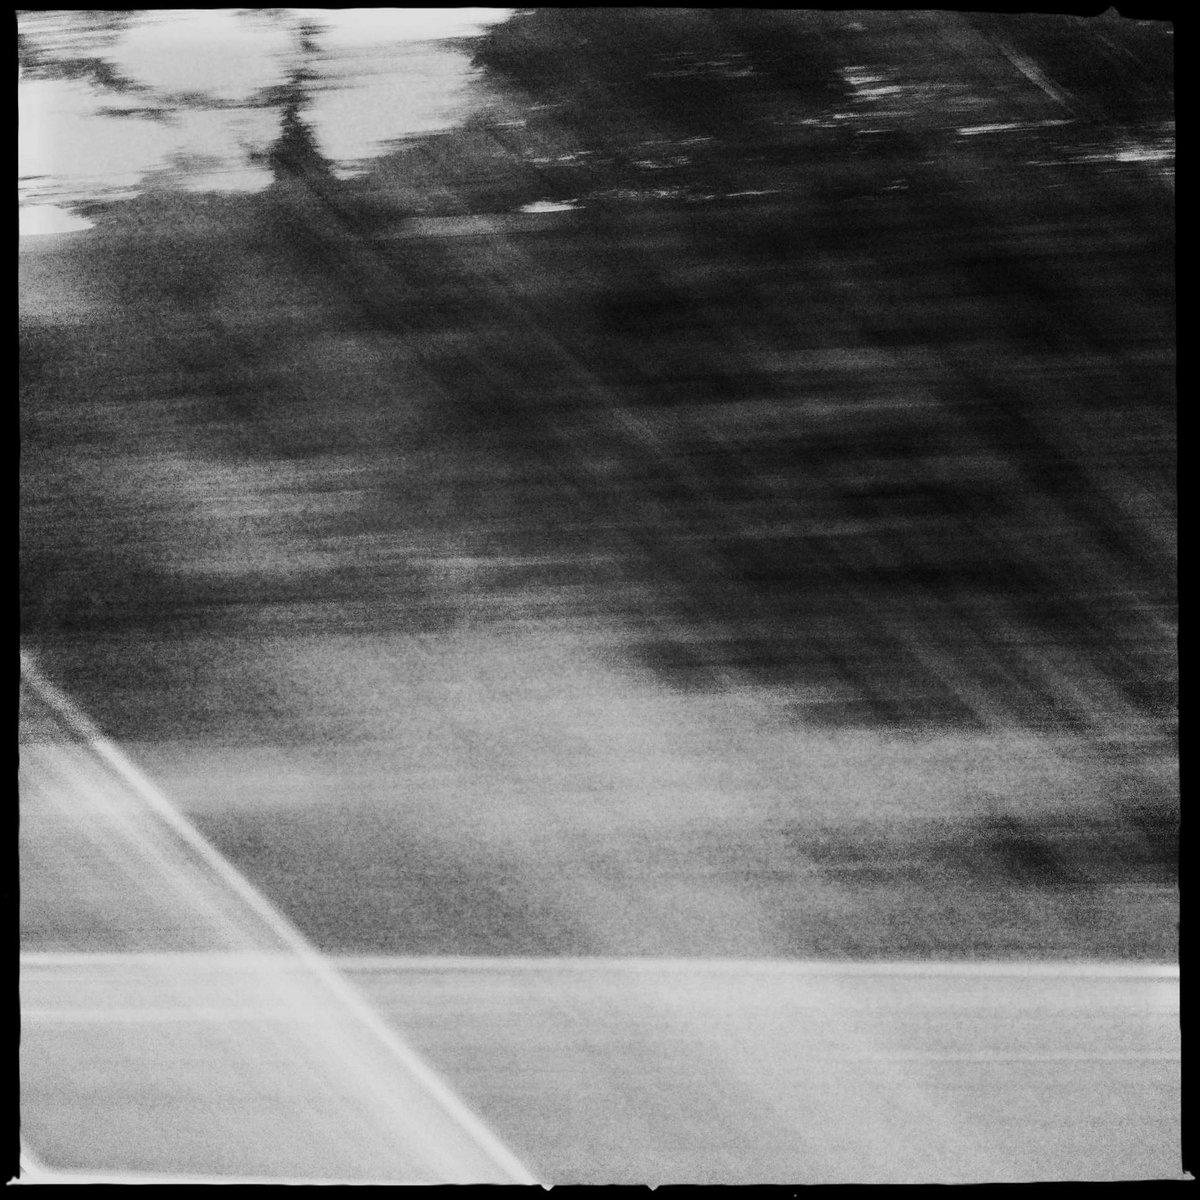 Andrew Tasselmyer - Resonant Moments